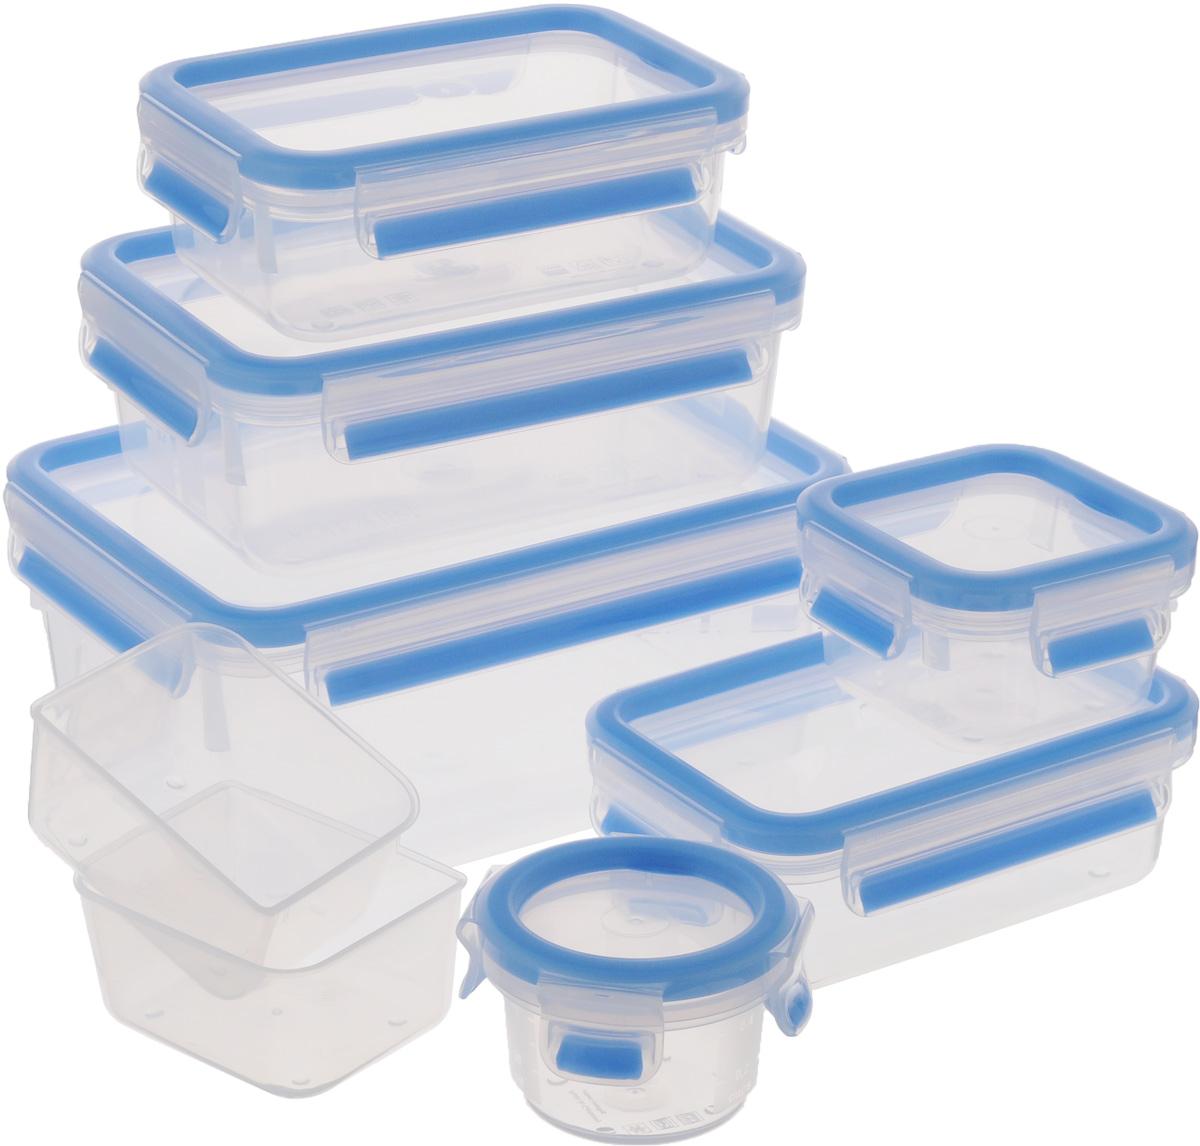 Набор контейнеров Emsa Clip&Close, 7 предметов сушилка для салата emsa basic 4 л